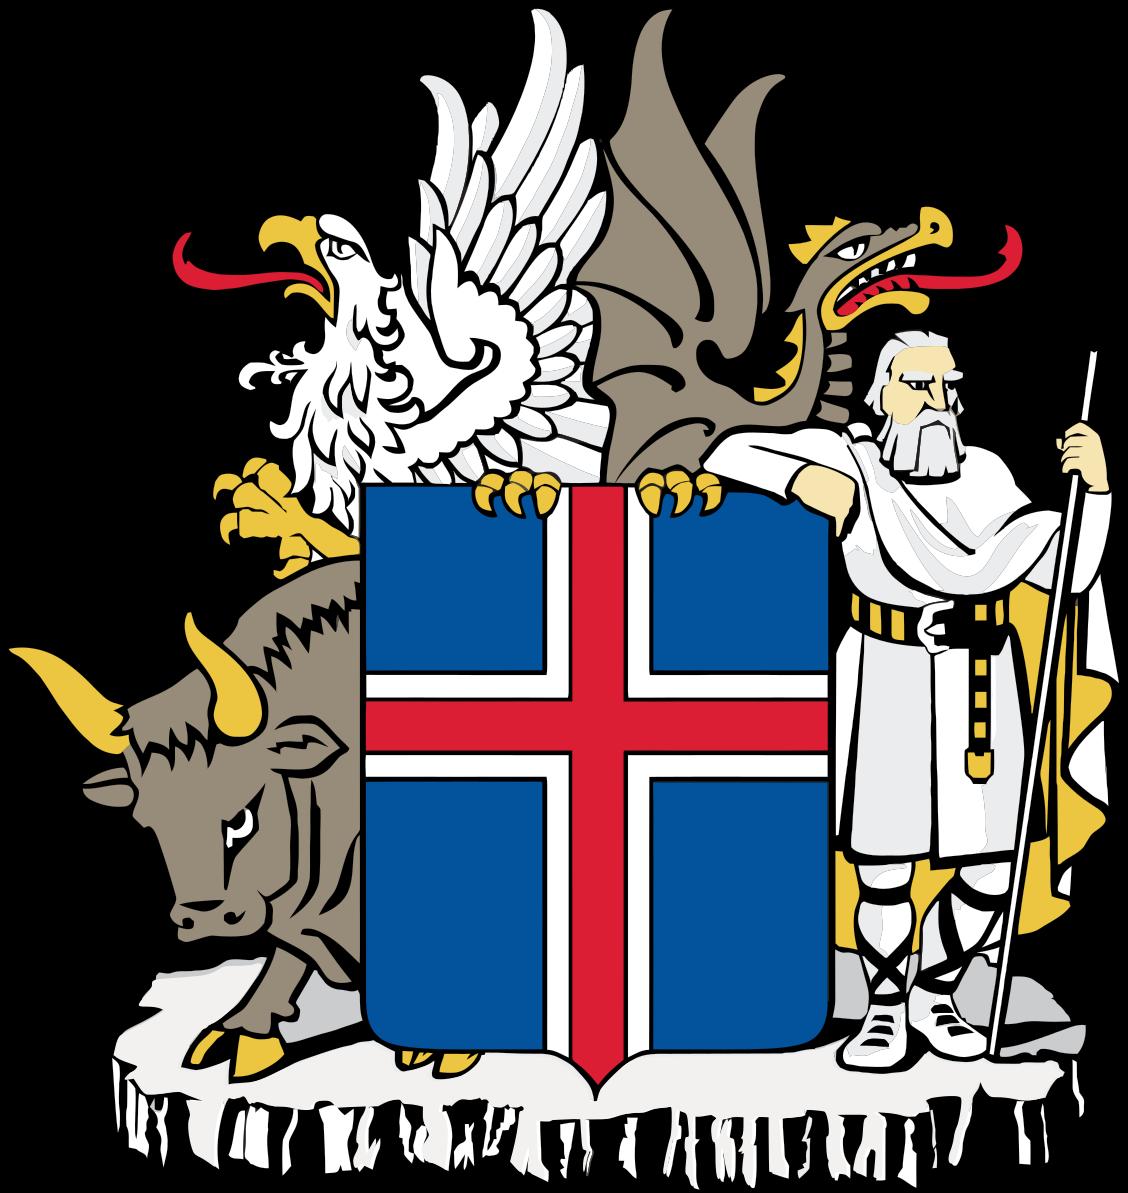 National emblem of Iceland